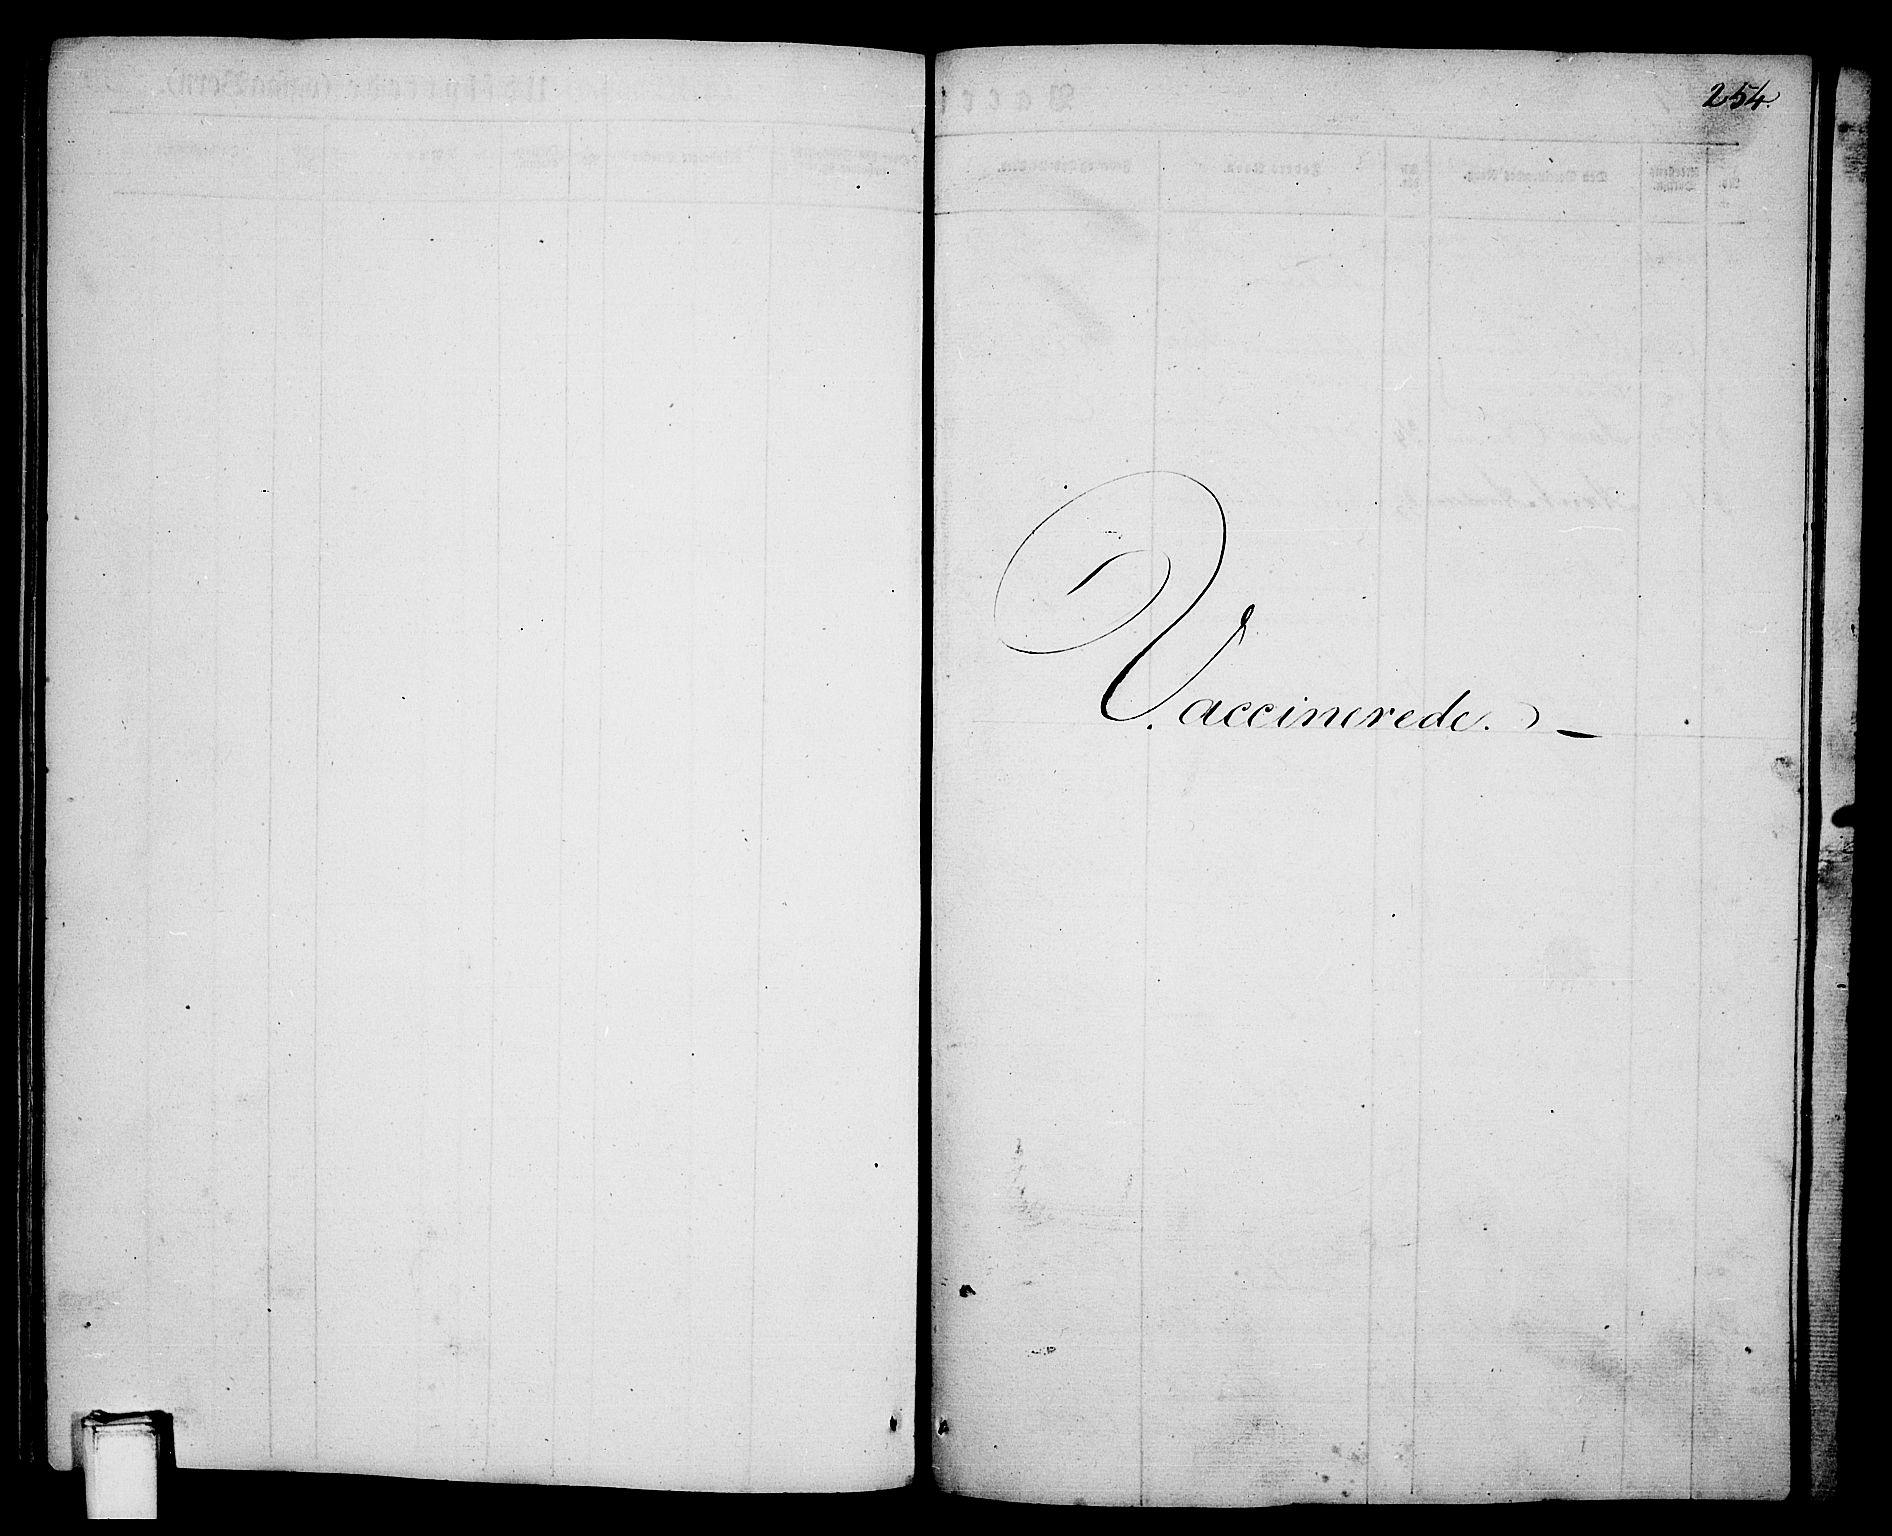 SAKO, Porsgrunn kirkebøker , G/Ga/L0002: Klokkerbok nr. I 2, 1847-1877, s. 254